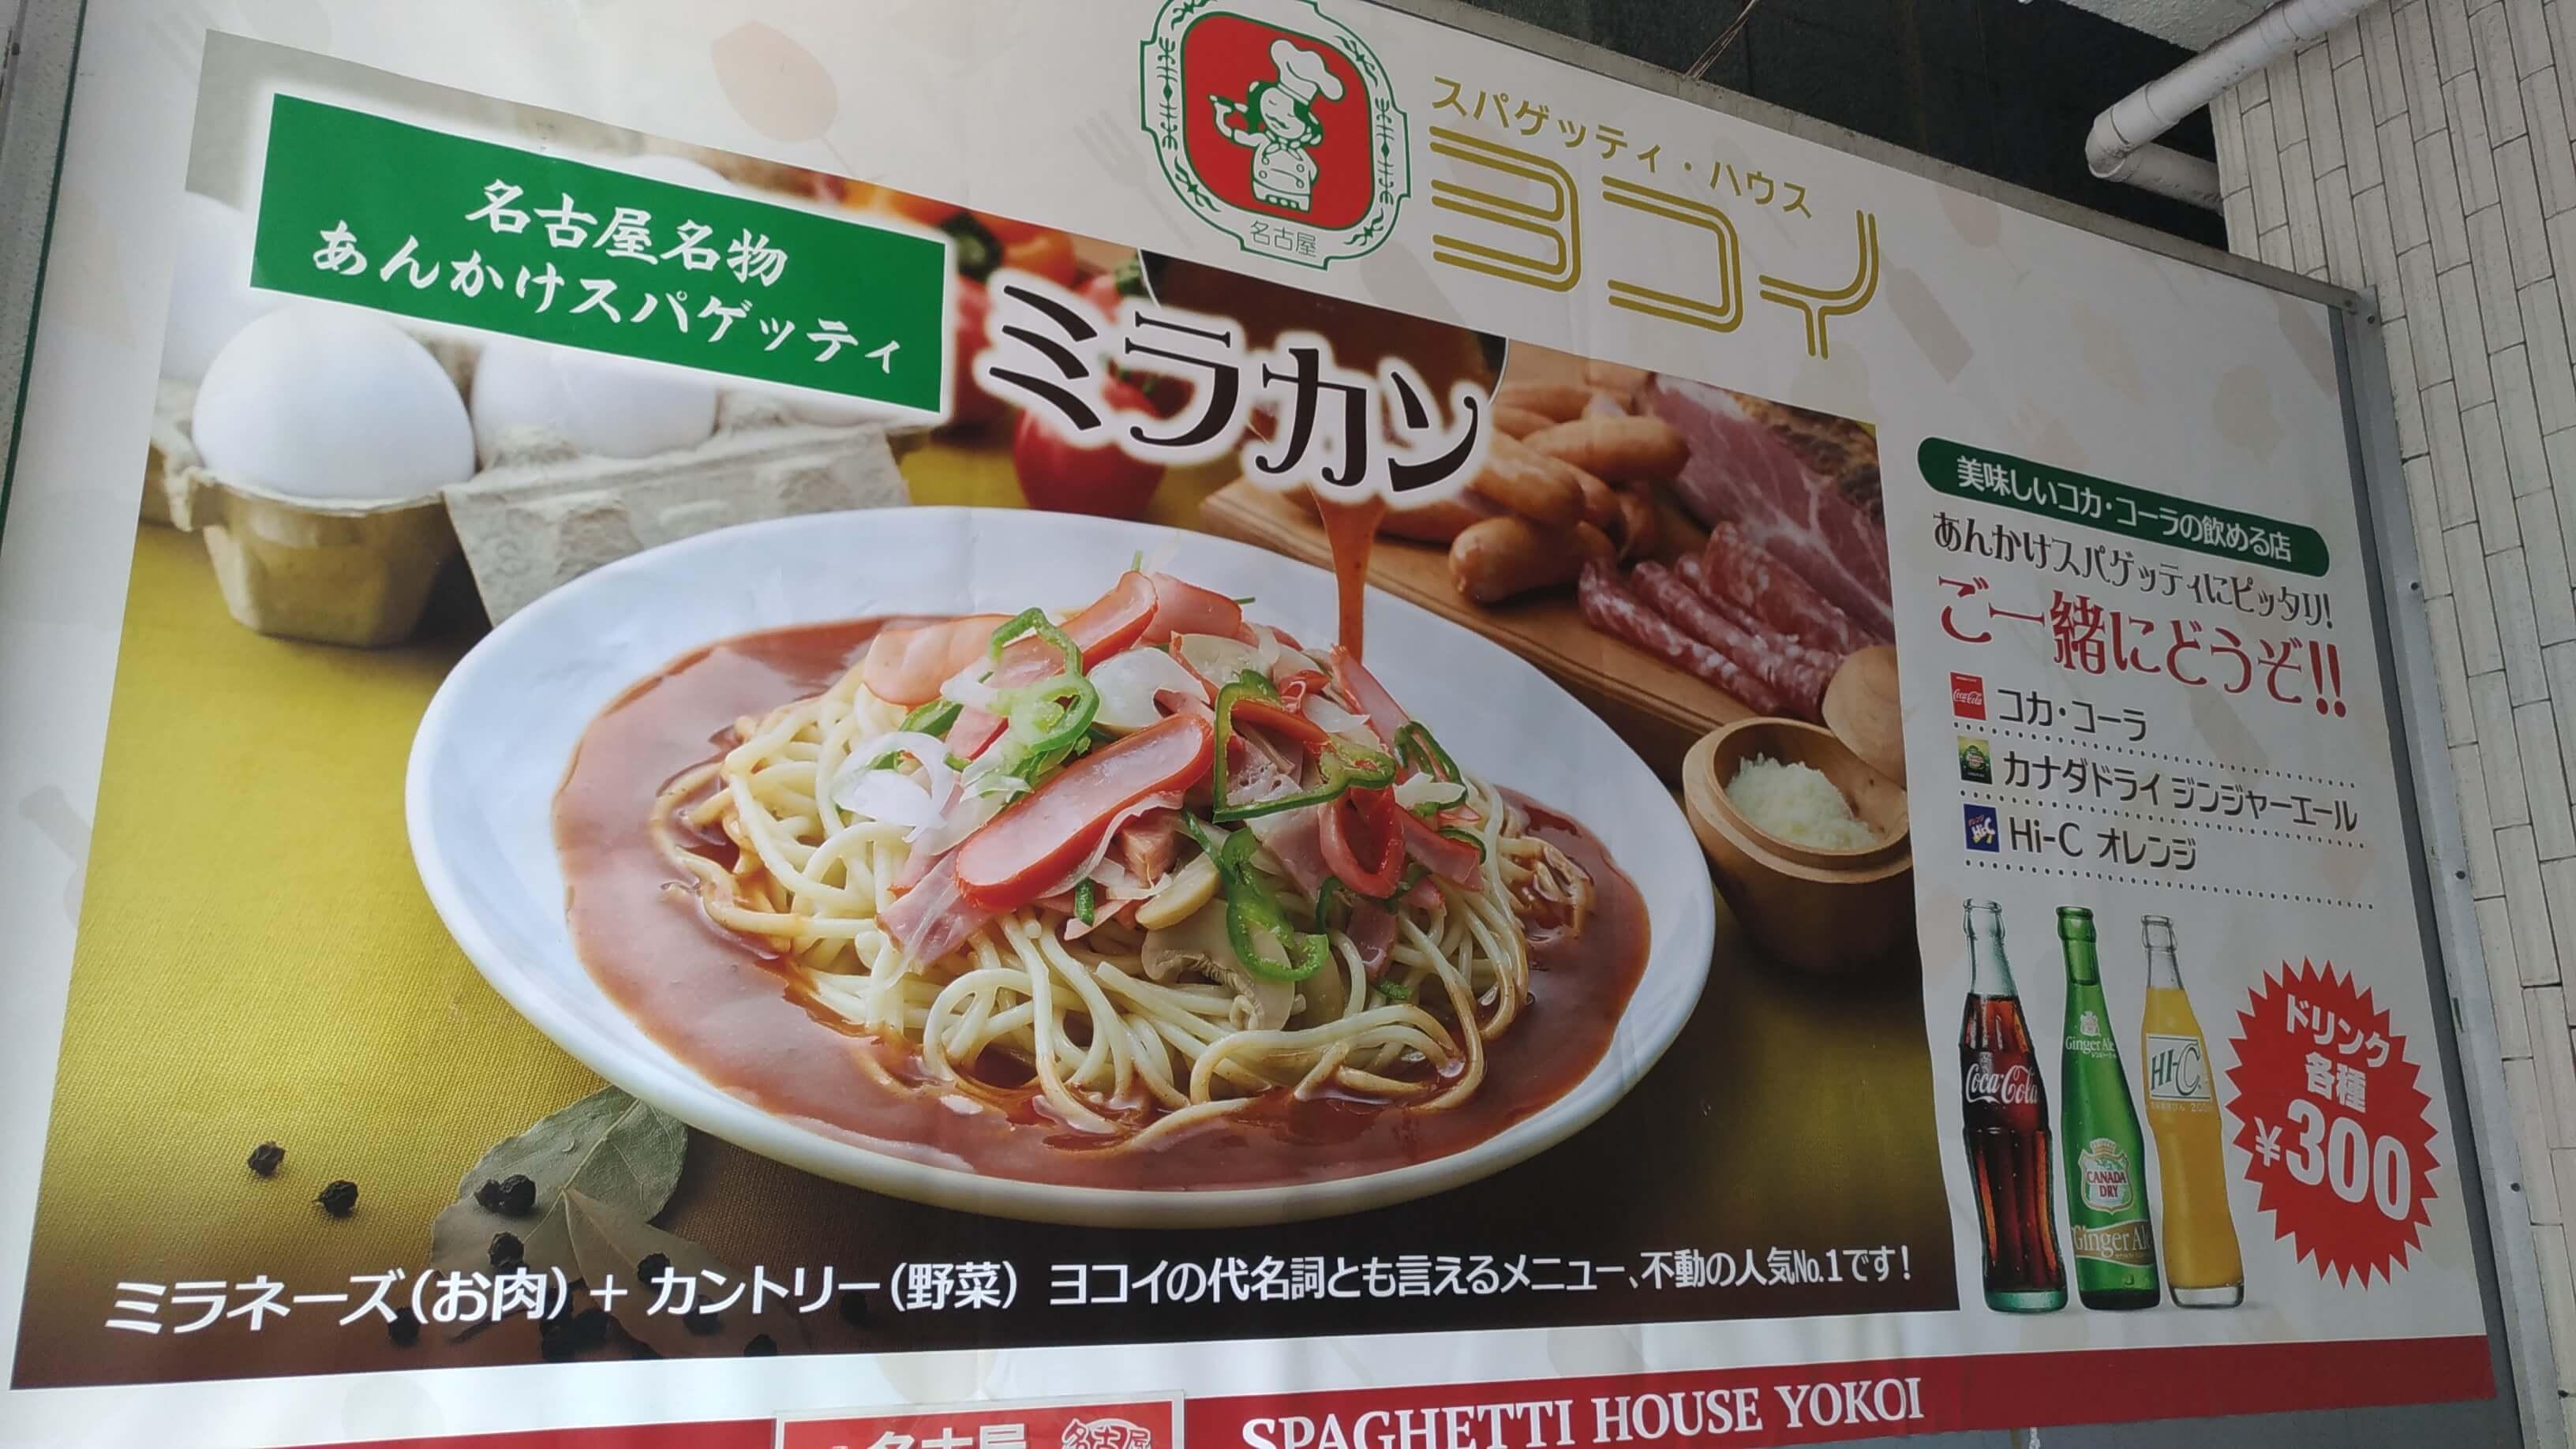 あんかけスパのスパゲッティ・ハウス ヨコイ住吉本店看板